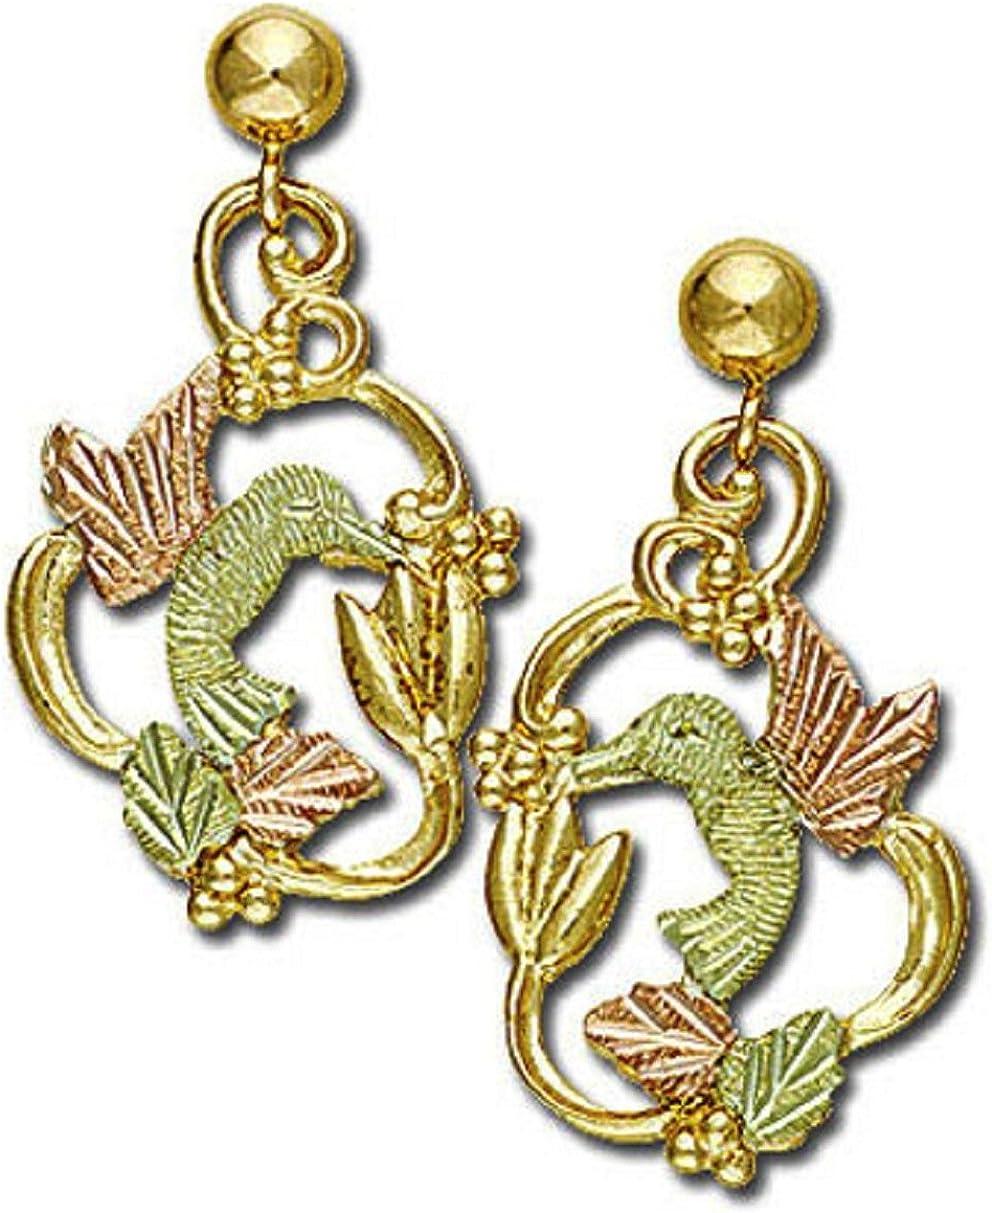 Landstroms 10k Black Hills Gold Hummingbird Earrings, for Pierced Ears - G L01593